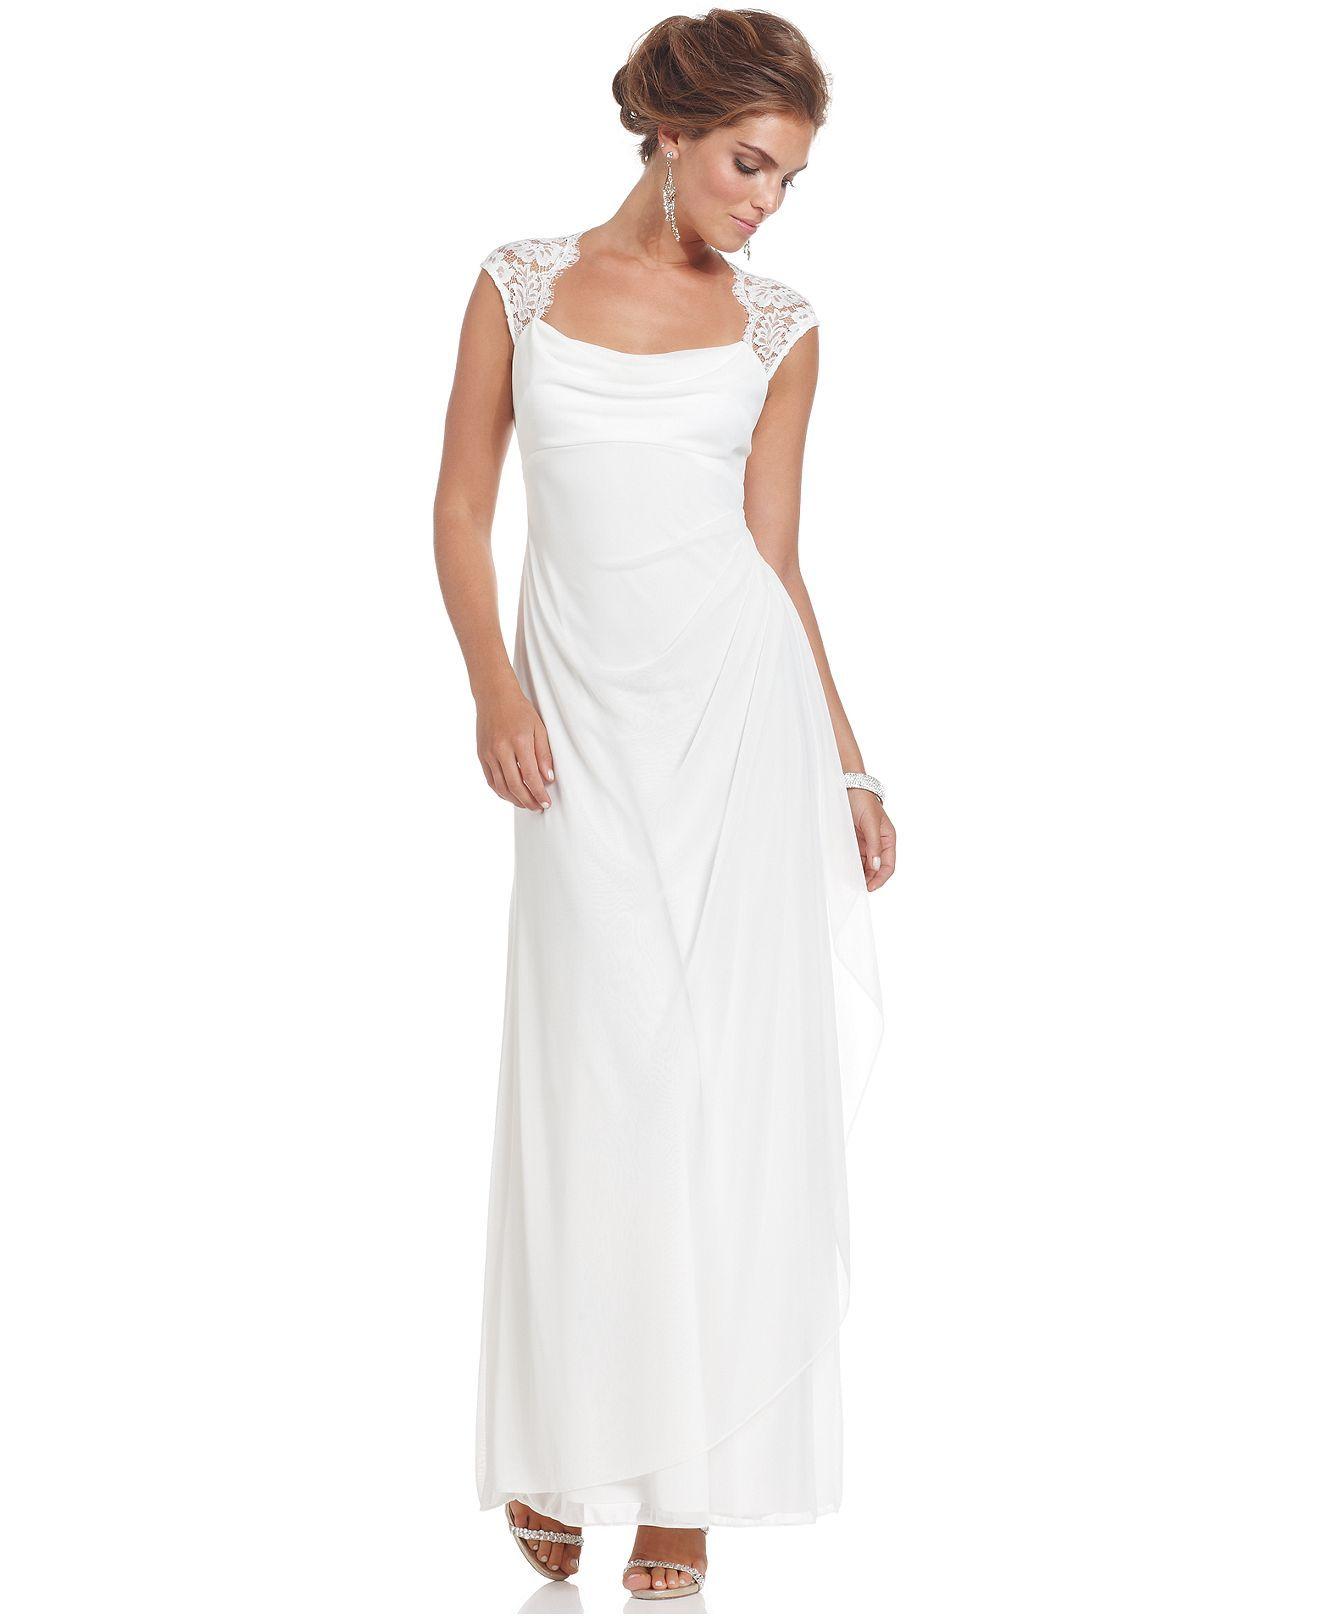 Xscape Dress, Cap-Sleeve Lace Evening Gown - Bridal Dresses - Women ...